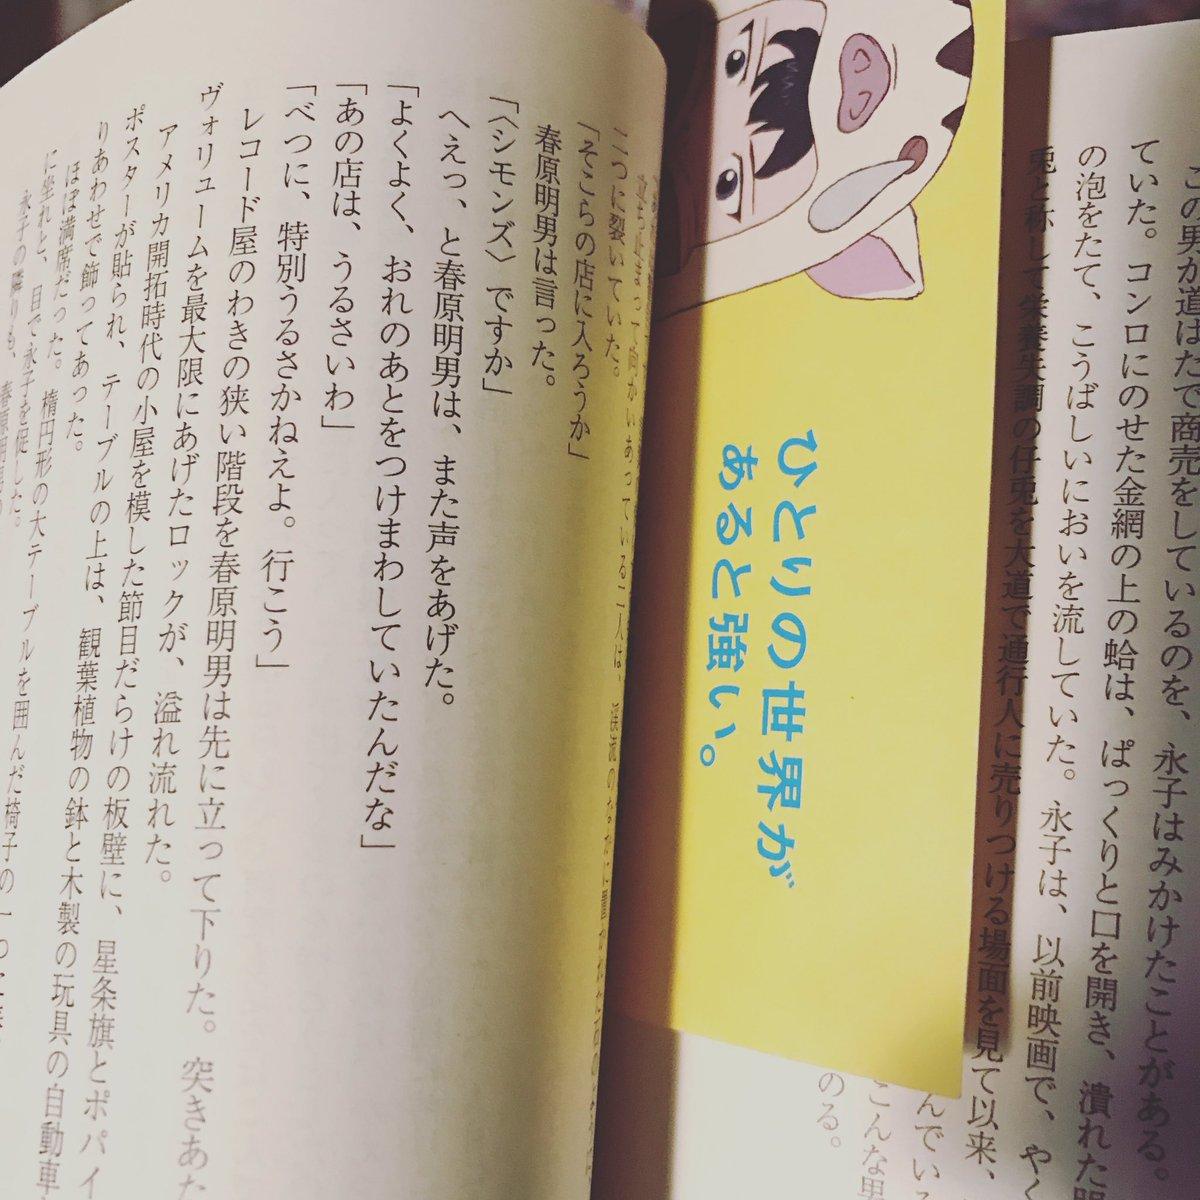 「バケモノの子」のこの栞、いつから何の本に挟まっていたのか忘れたけど好きで使いまわしている。「ひとりの世界があると強い。